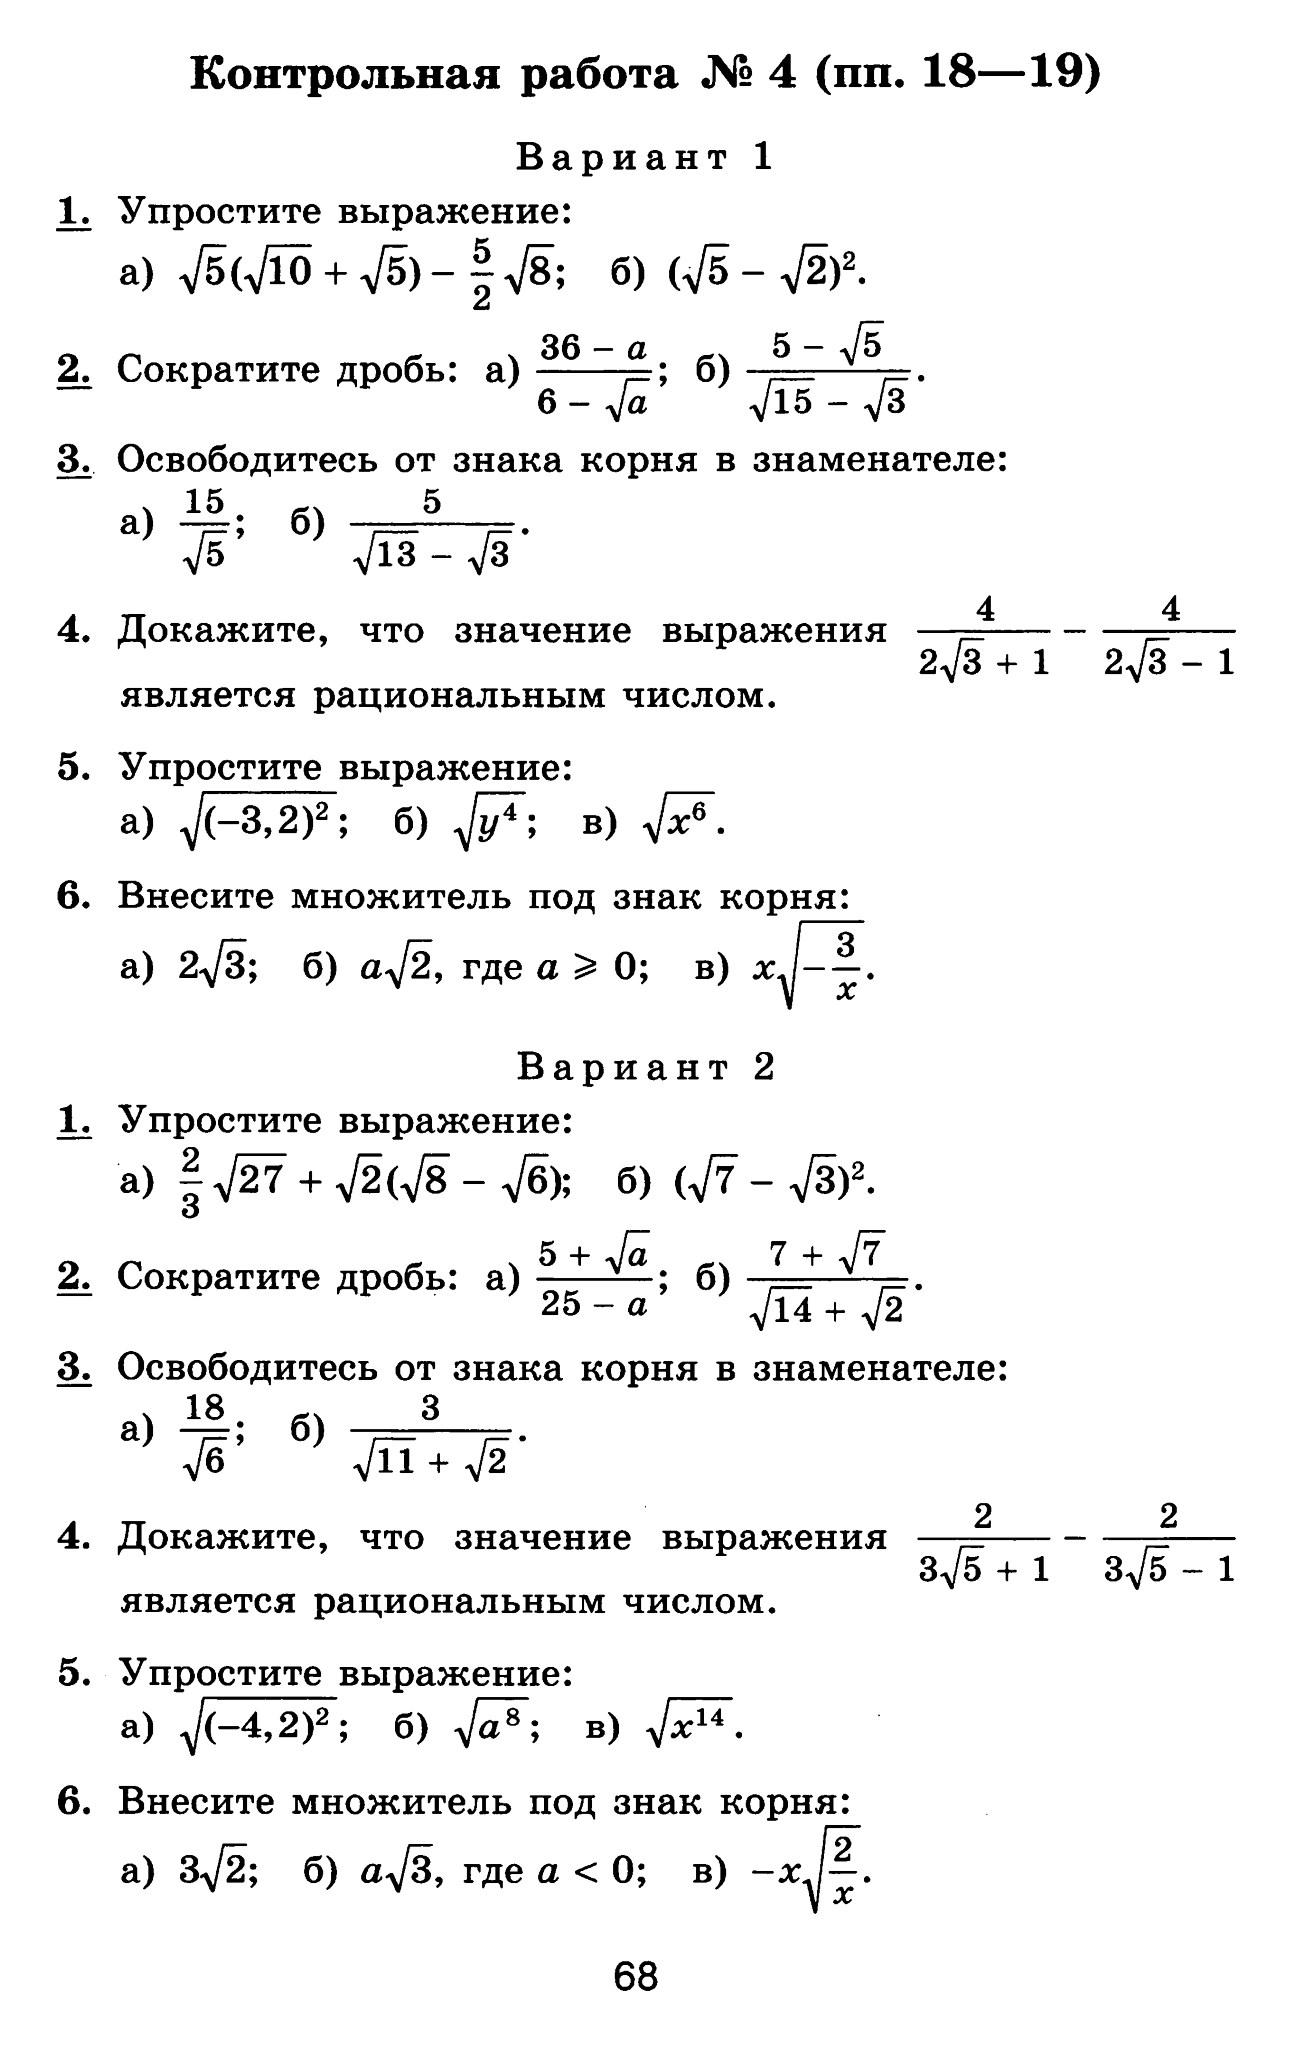 гдз контрольные работы по алгебре 9 класс макарычев скачать